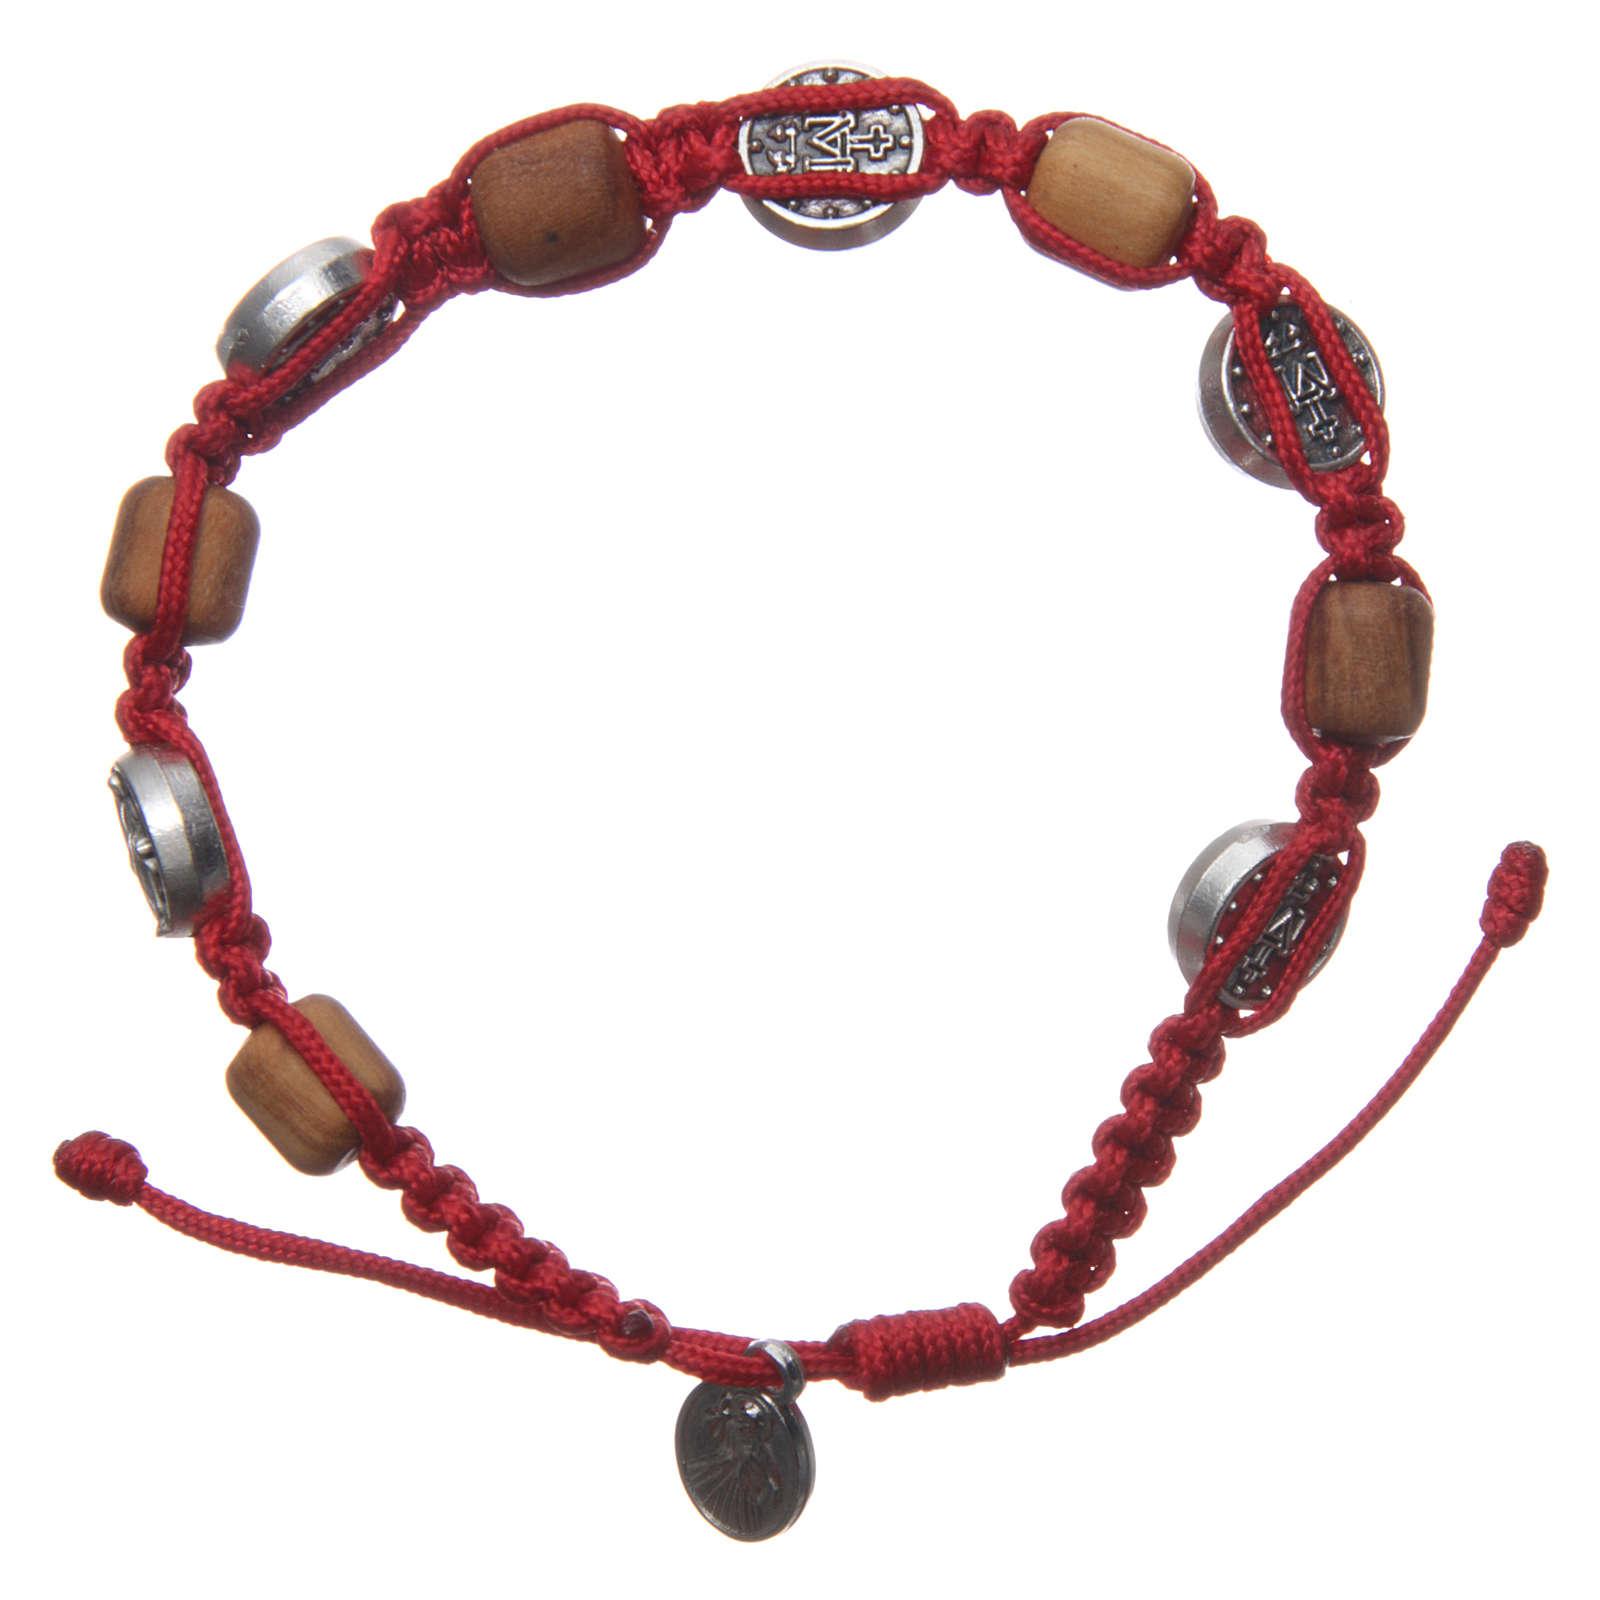 Braccialetto legno ulivo croce San Benedetto corda rossa 4